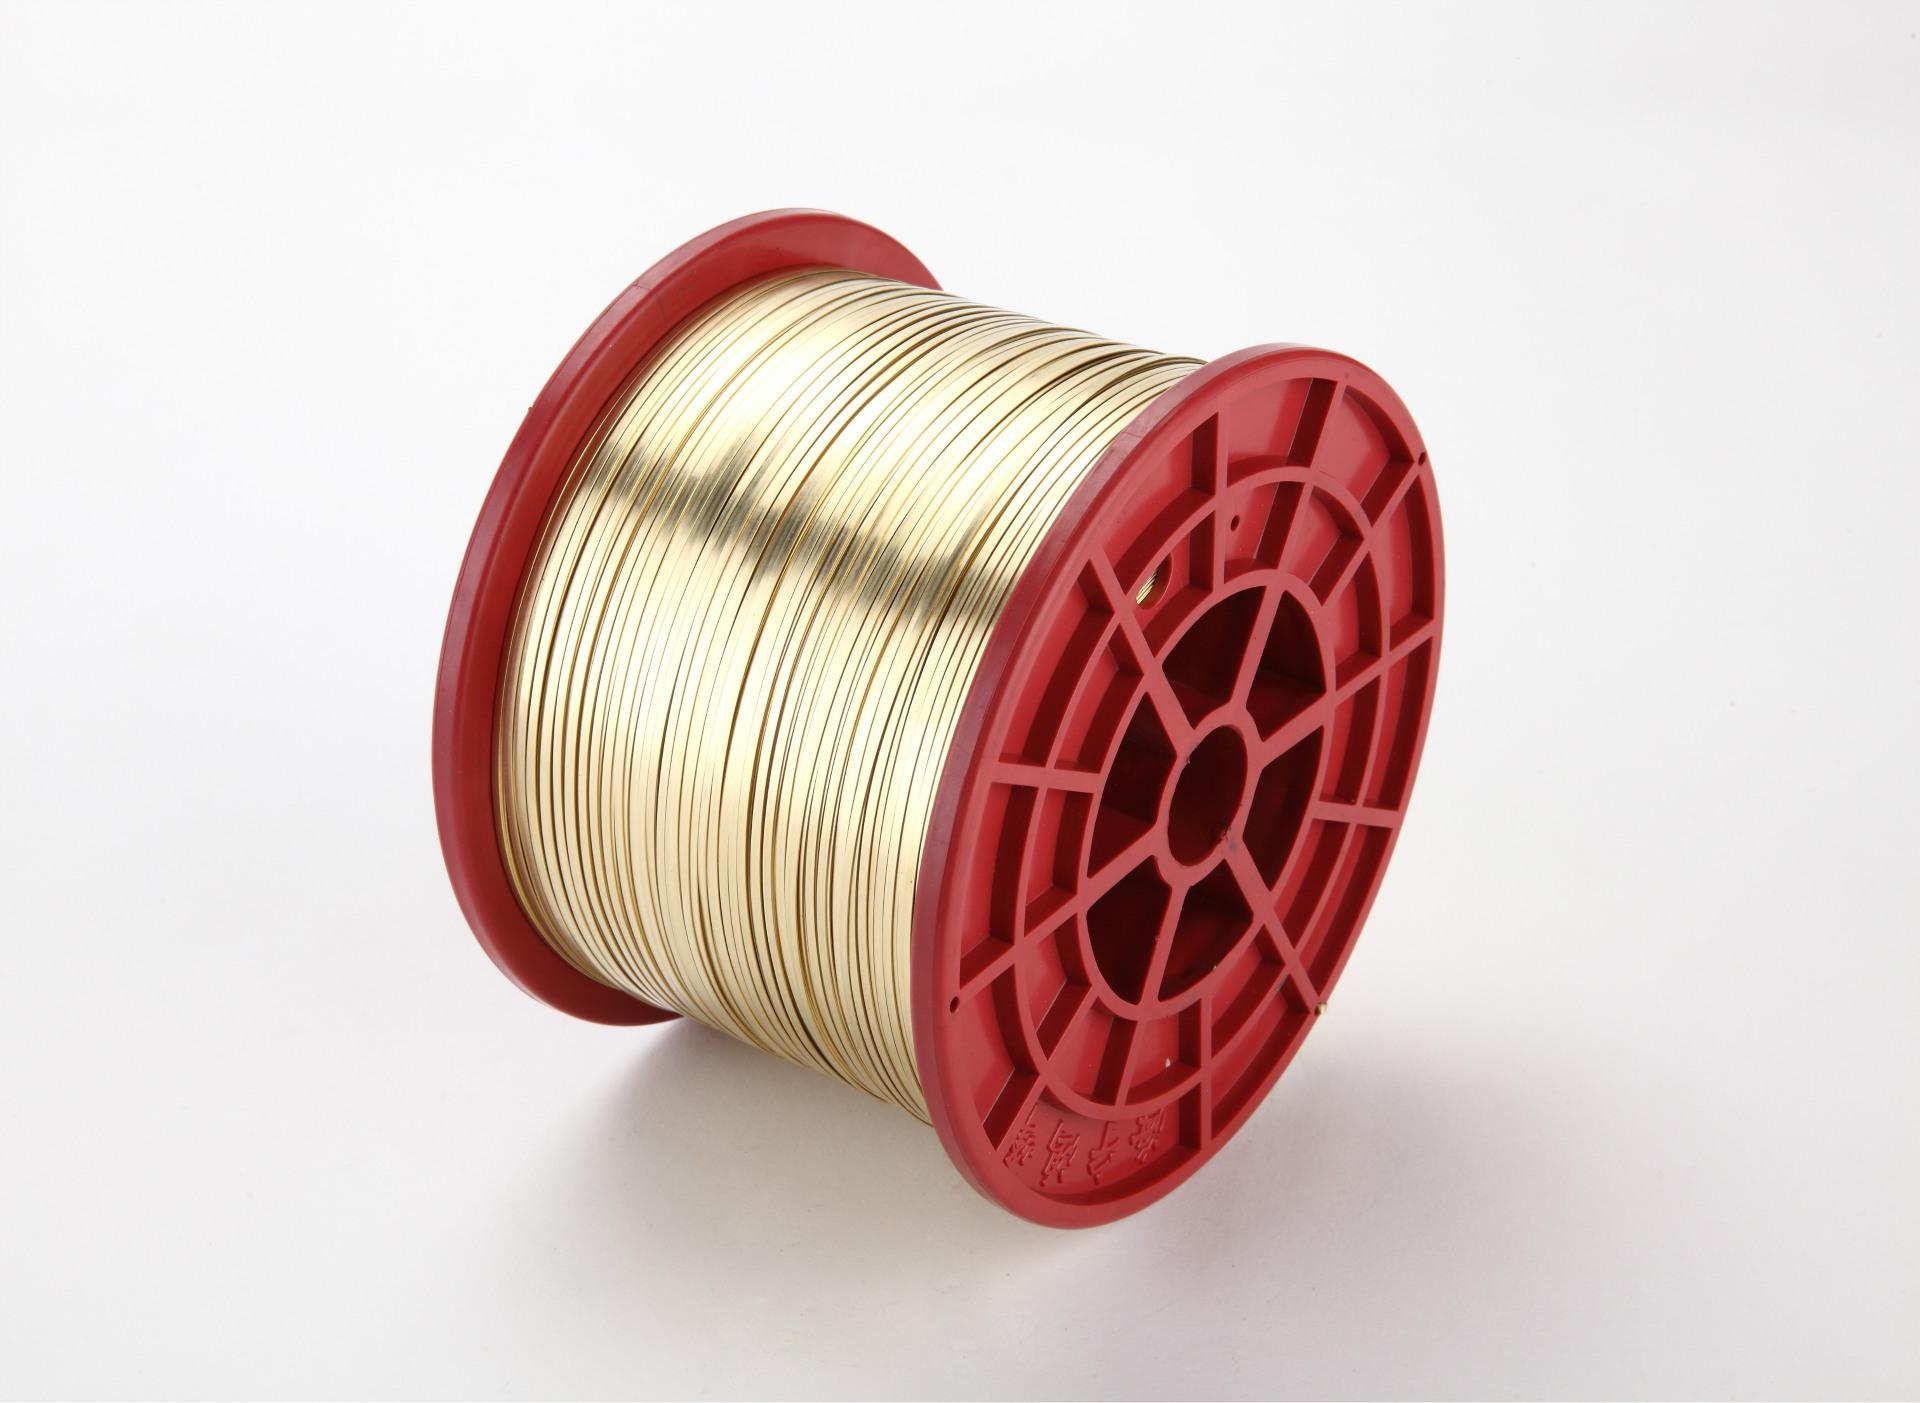 批发国际米兰乐投不锈金属镍棒材国际米兰乐投批发金属加工配件  植毛